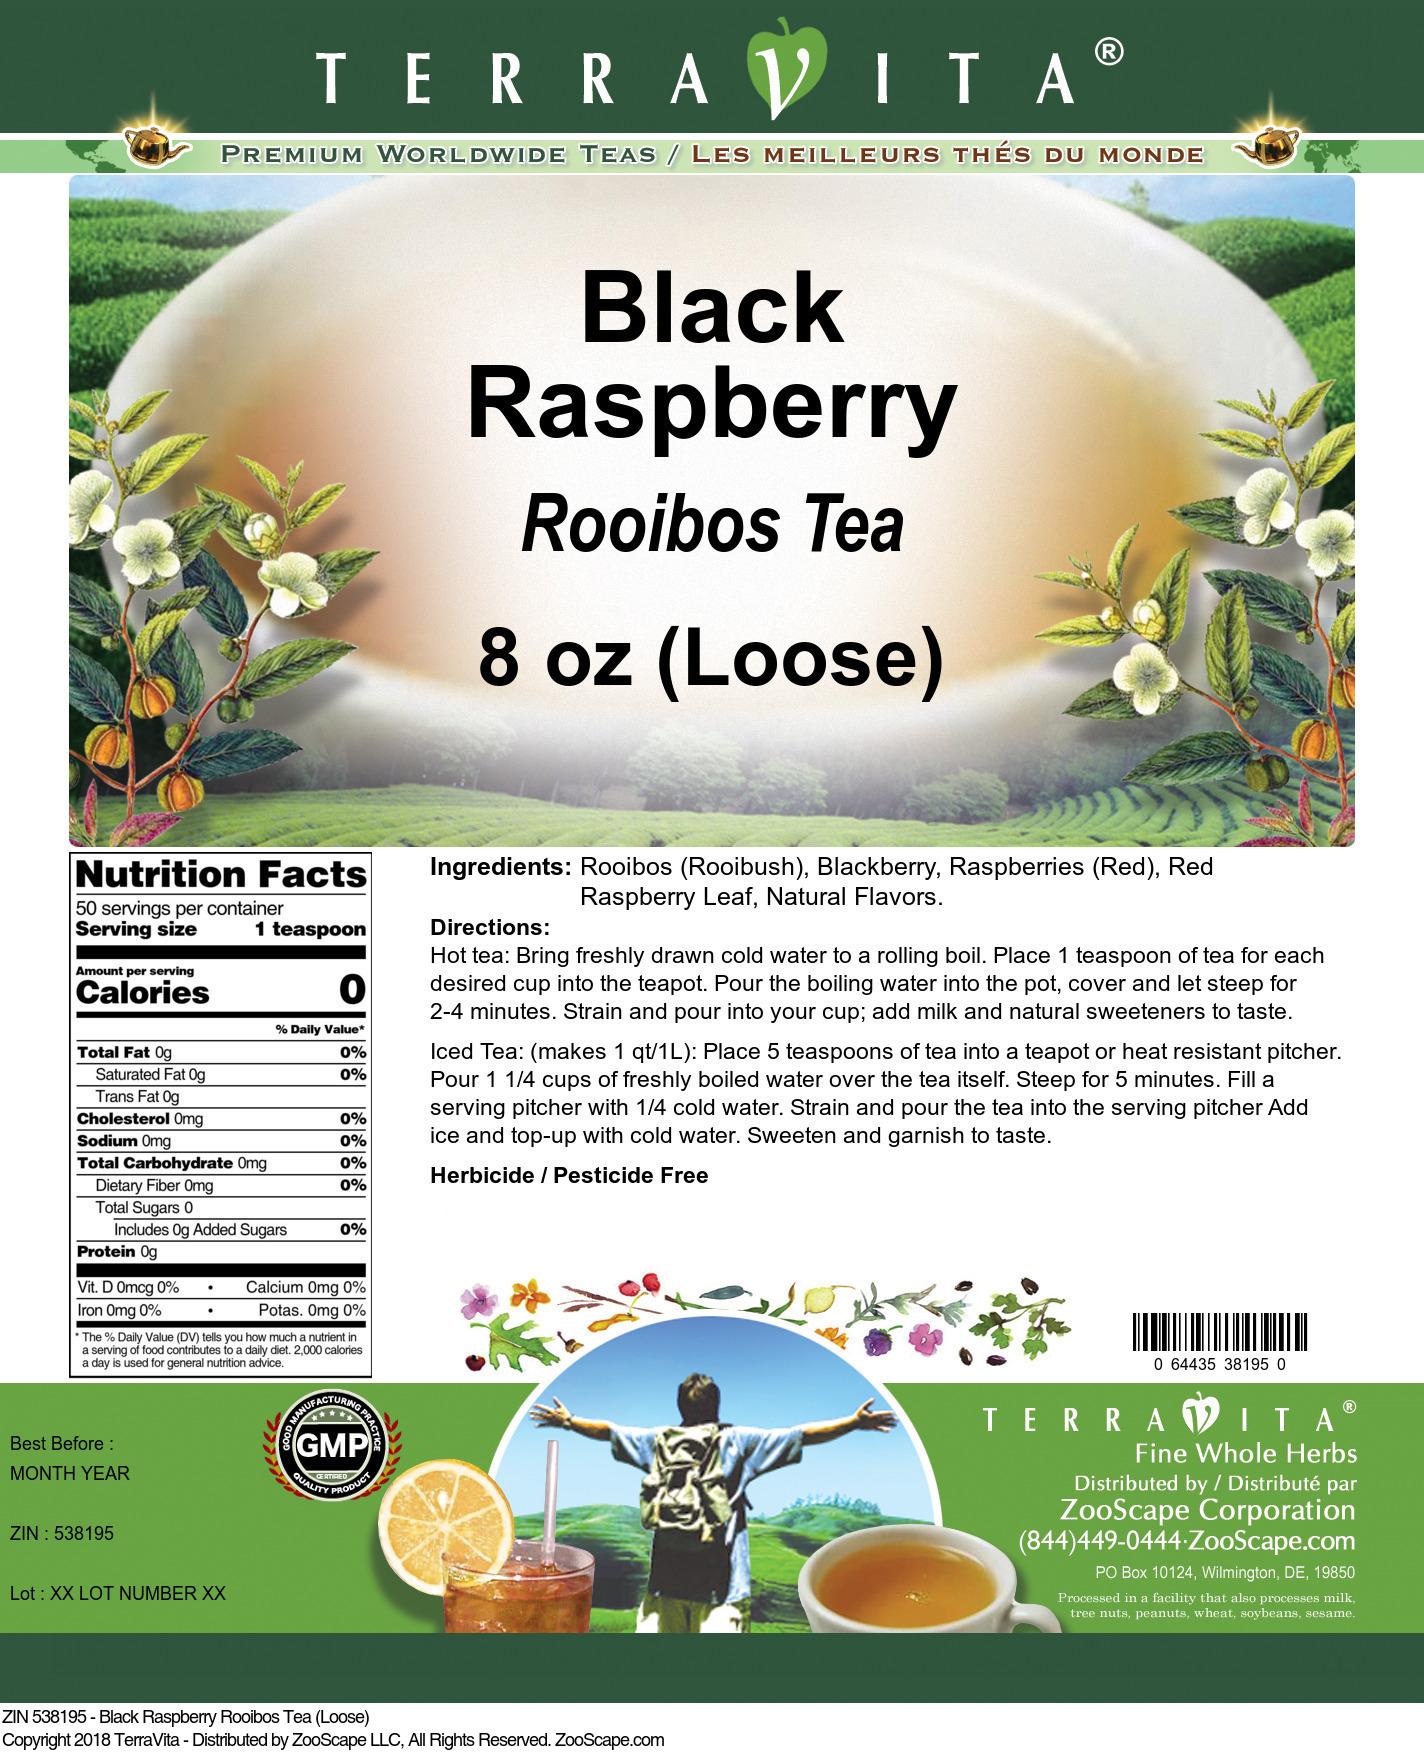 Black Raspberry Rooibos Tea